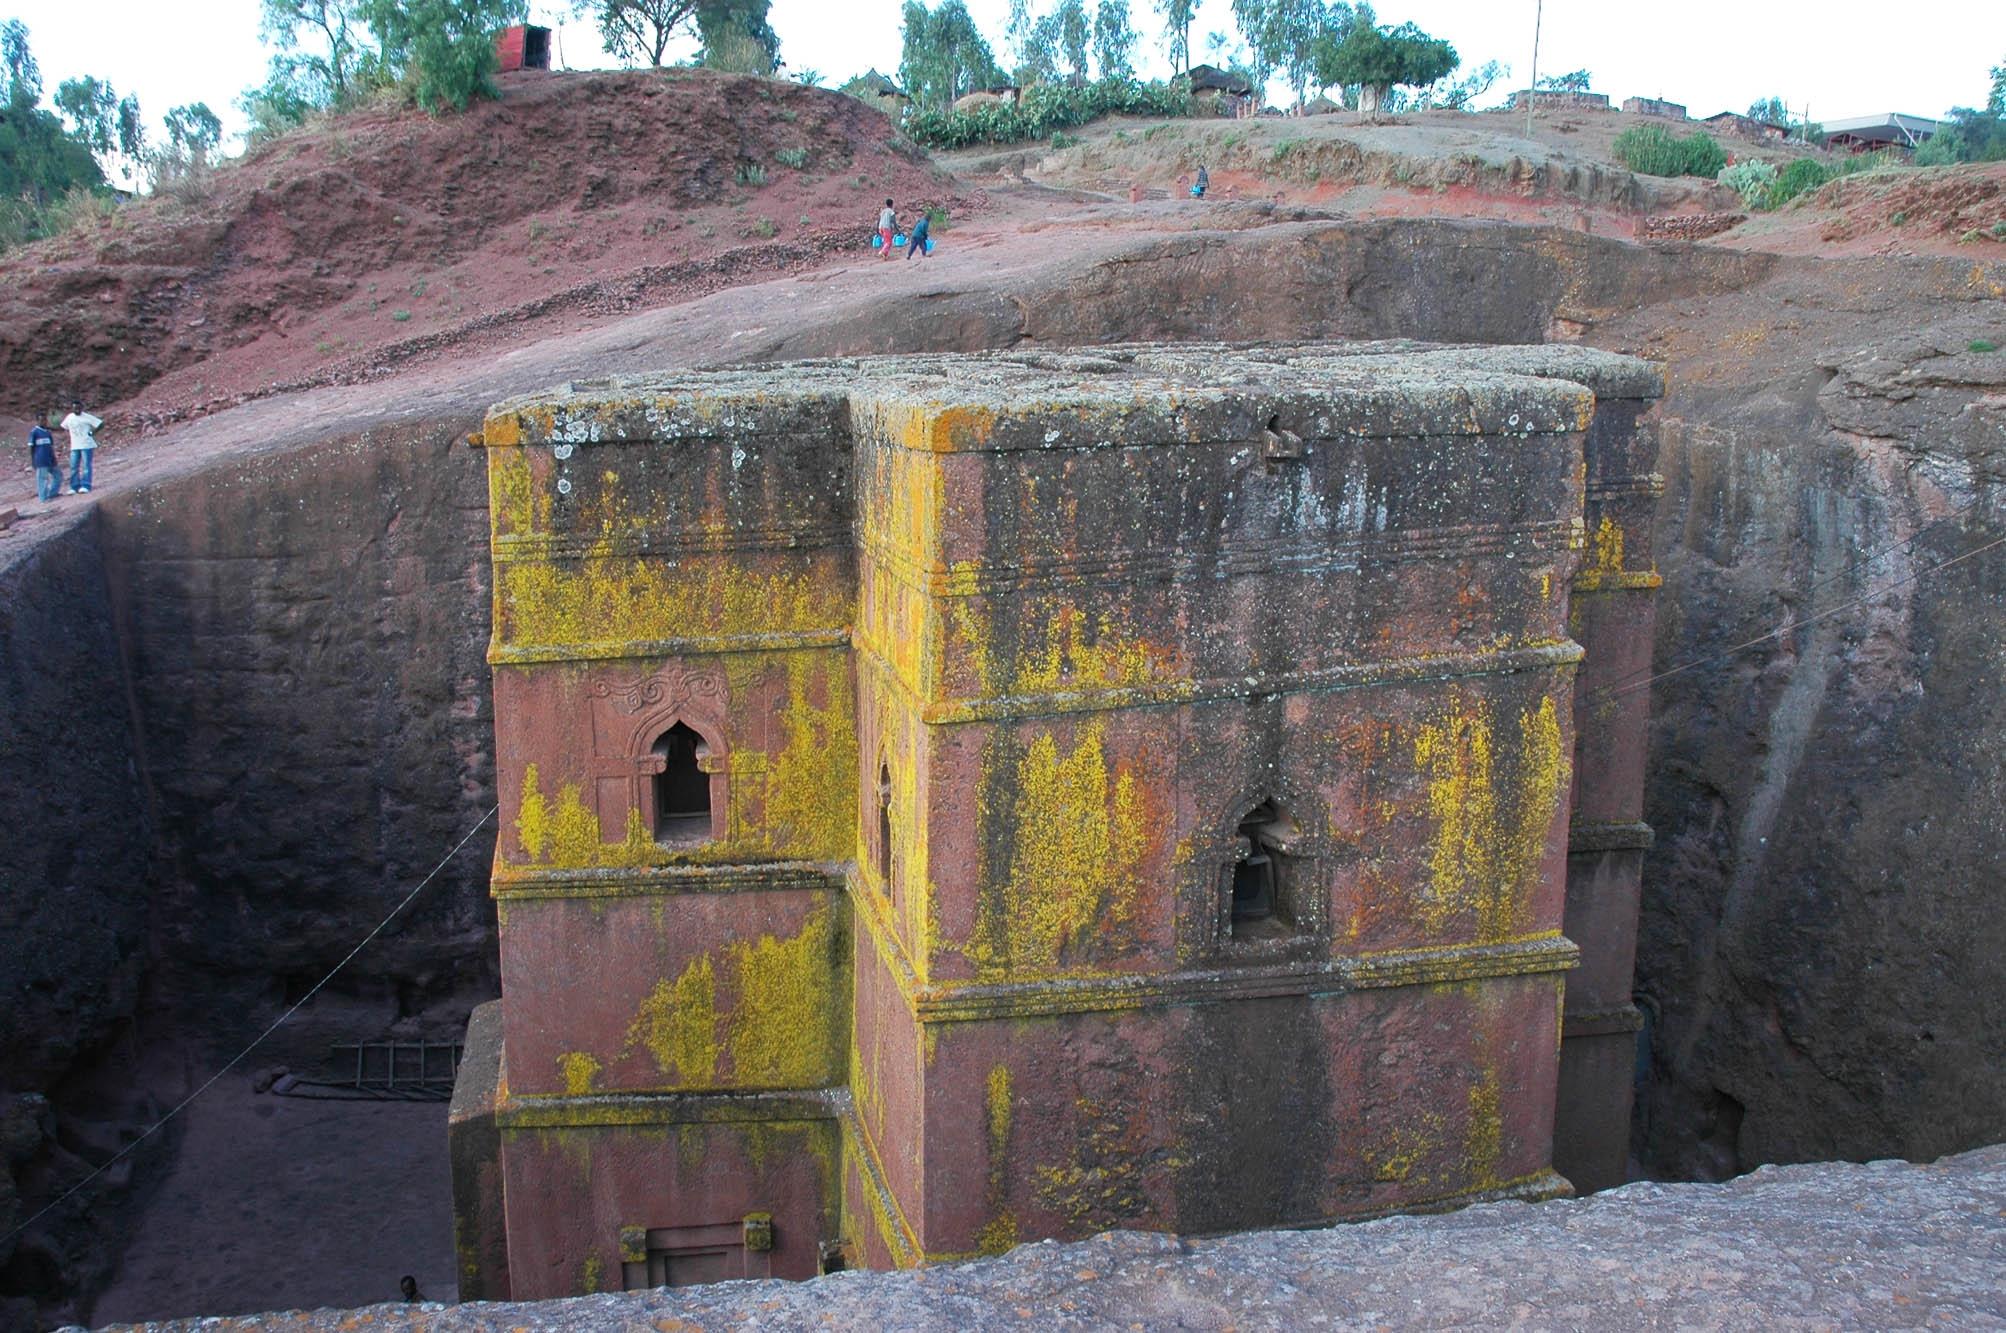 Lalibela (Ethiopie). L��glise Beta Giyorgis, comme les dix autres �glises monolithes de ce site, a �t� creus�e dans des anciennes scories basaltiques consolid�es. Clich� L. Bruxelles/Inrap et CFEE